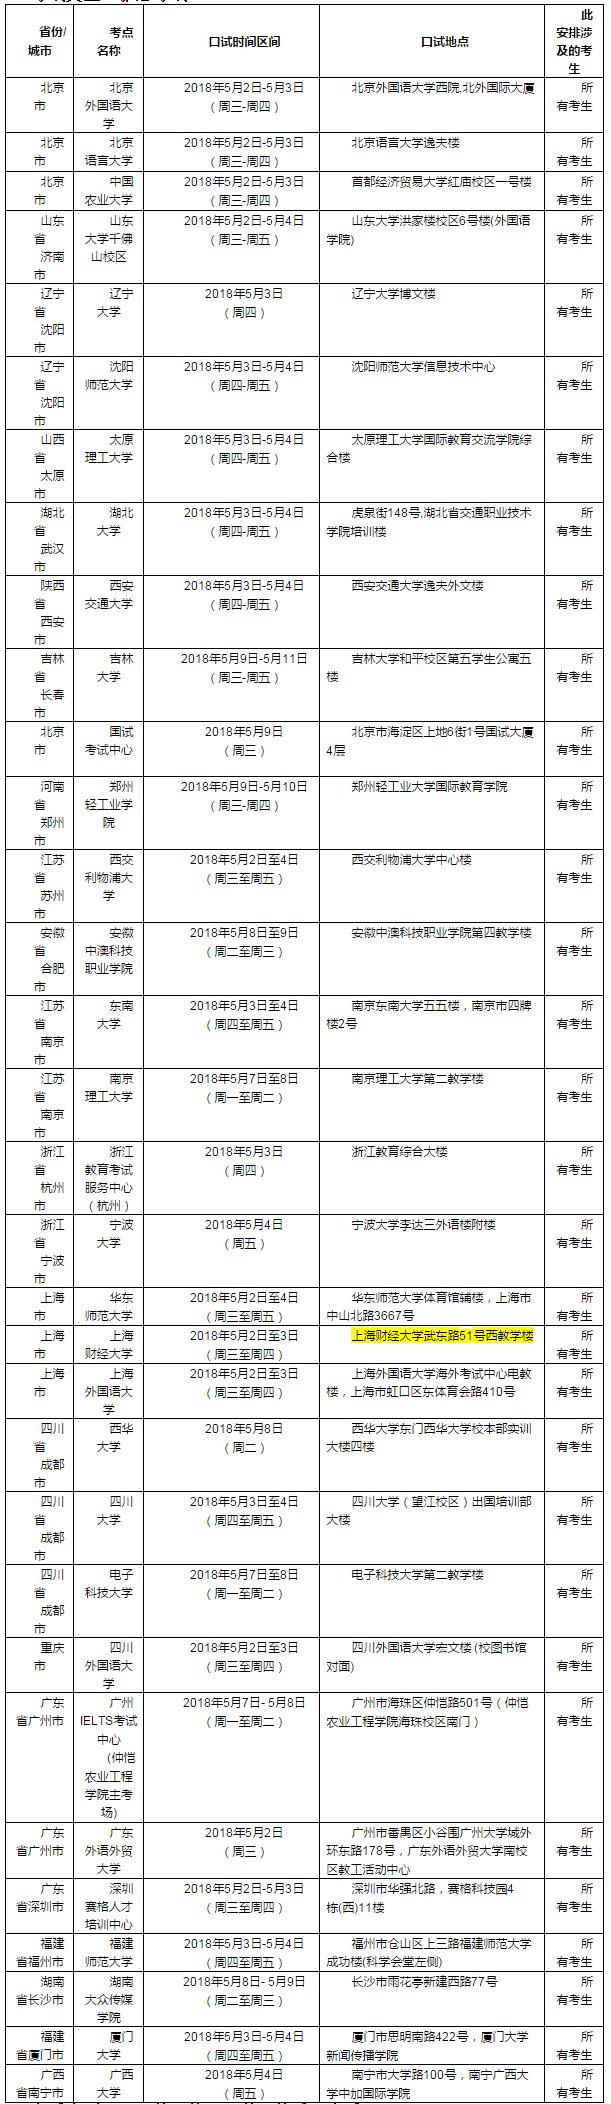 2018年5月5日雅思口语考试安排